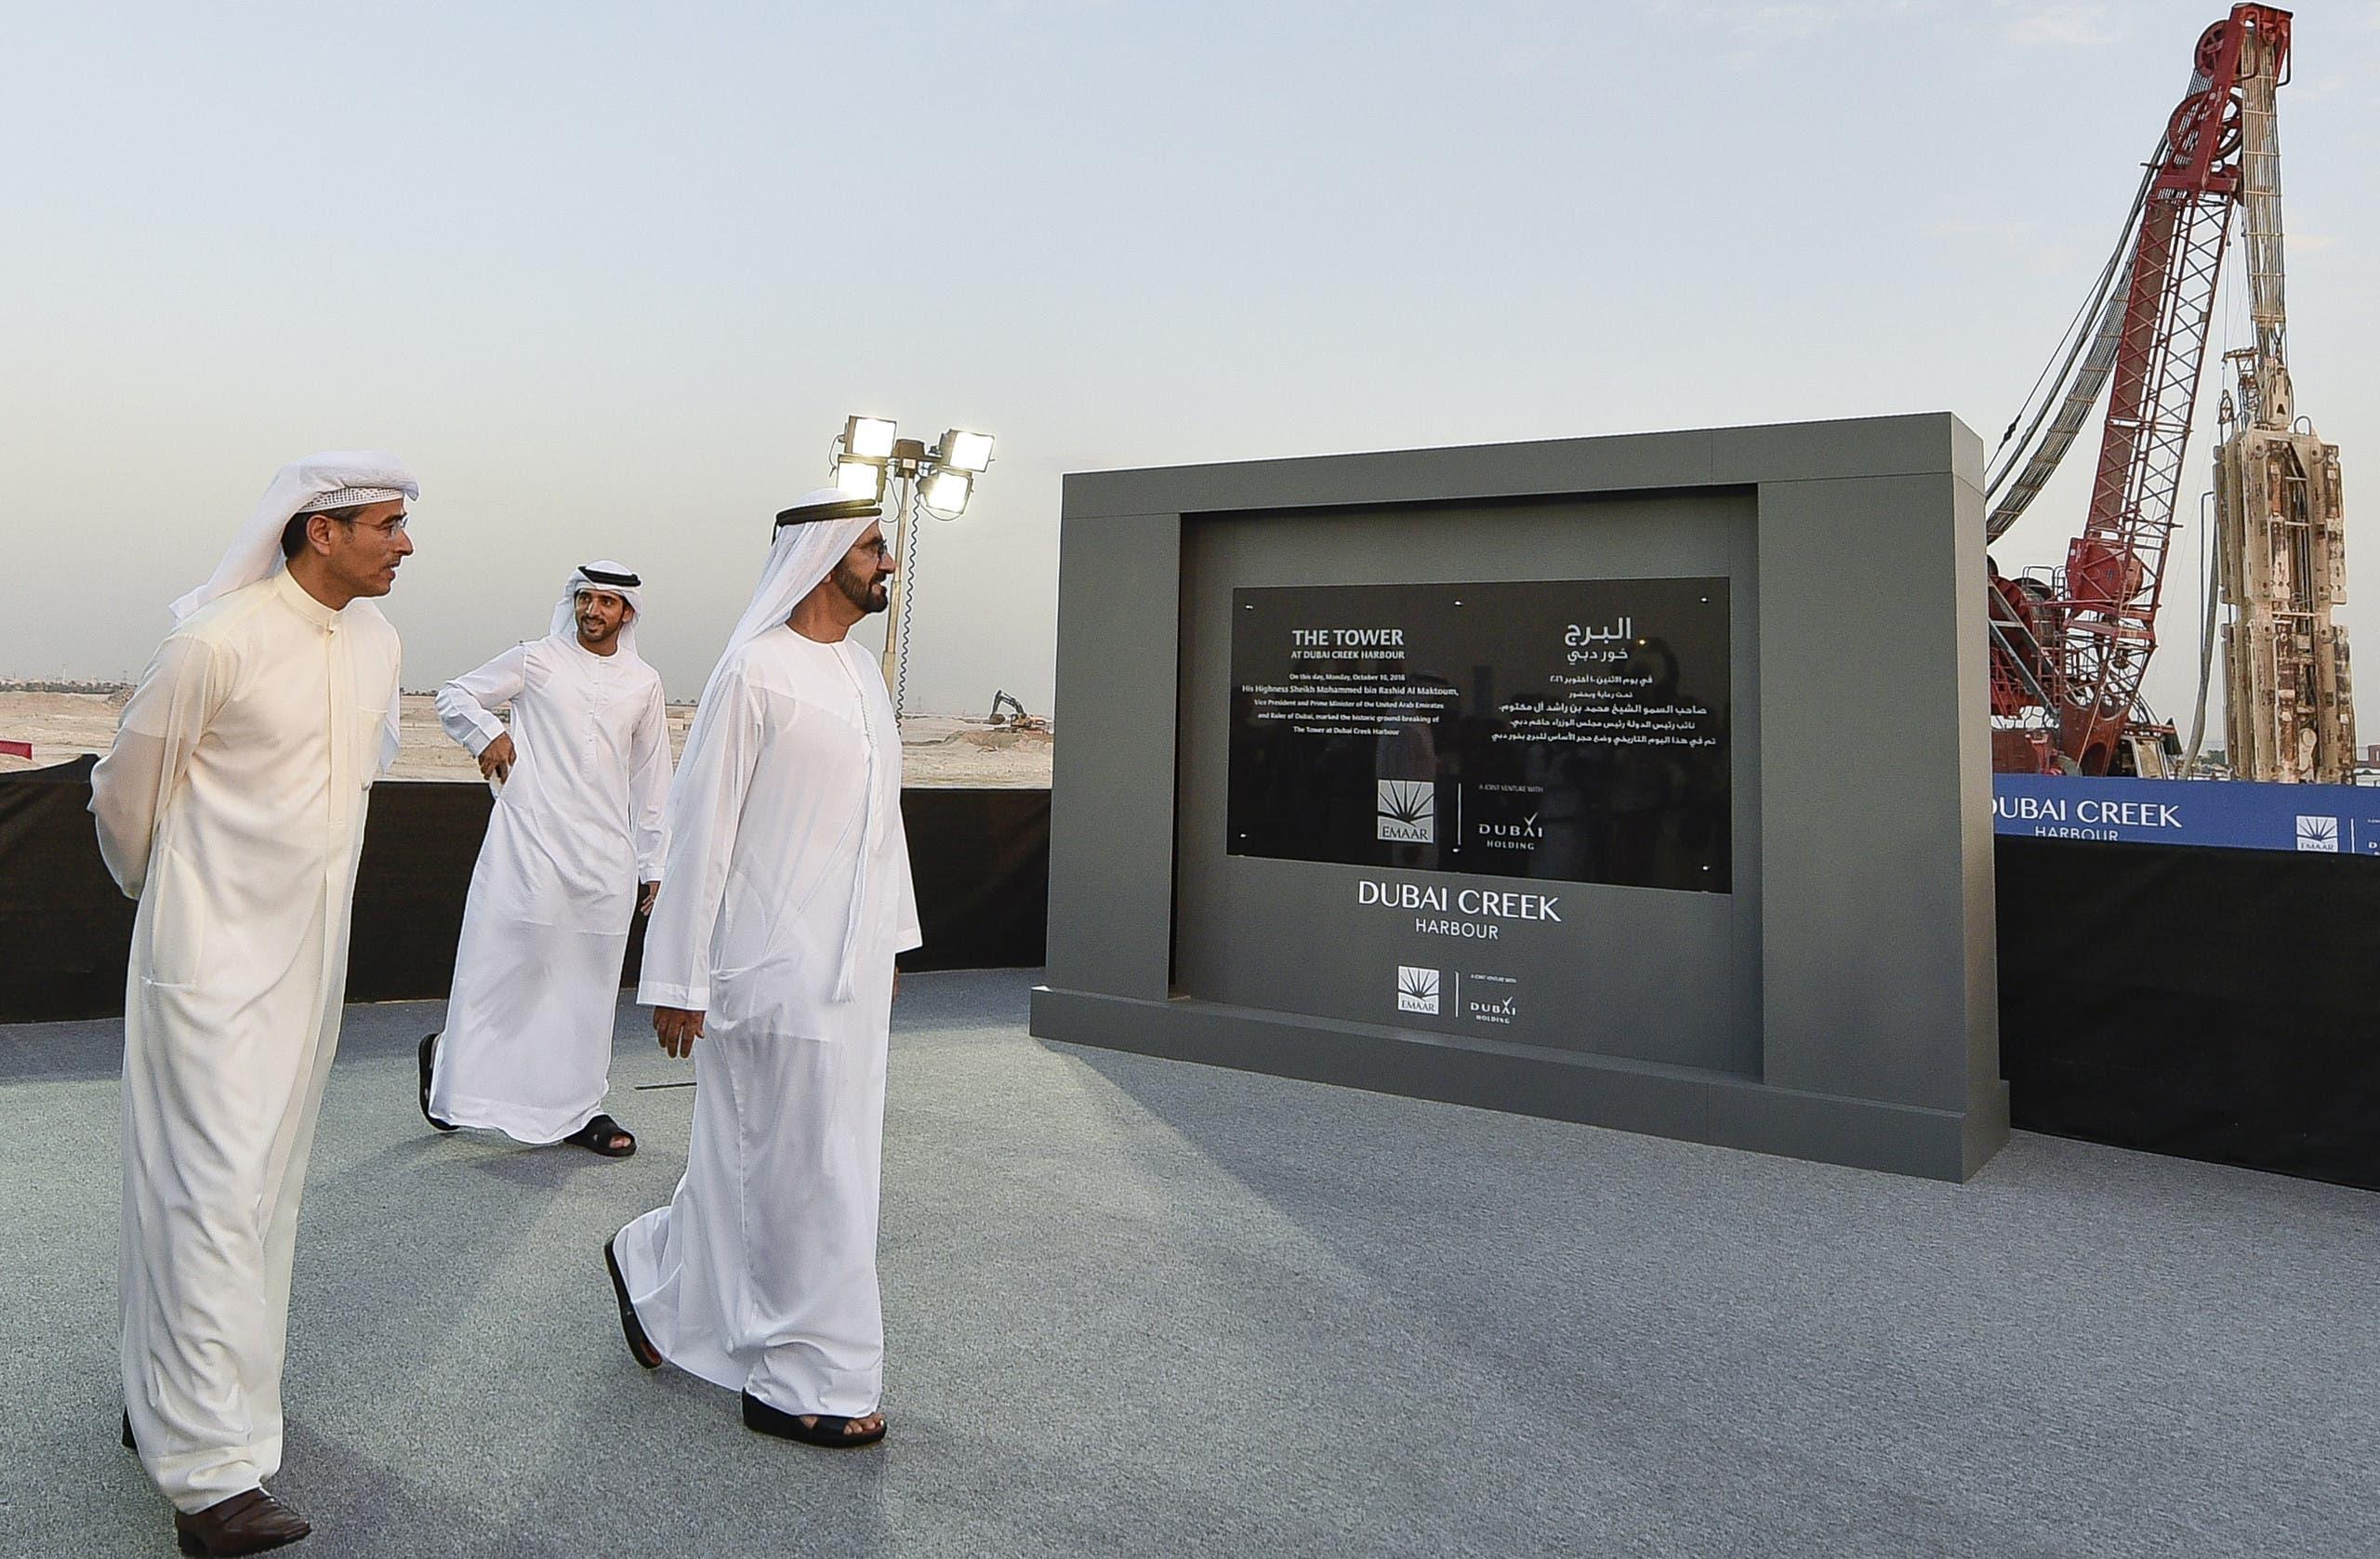 آغاز پروژه برج خور دبی با حضور شیخ محمد بن راشد آل مکتوم